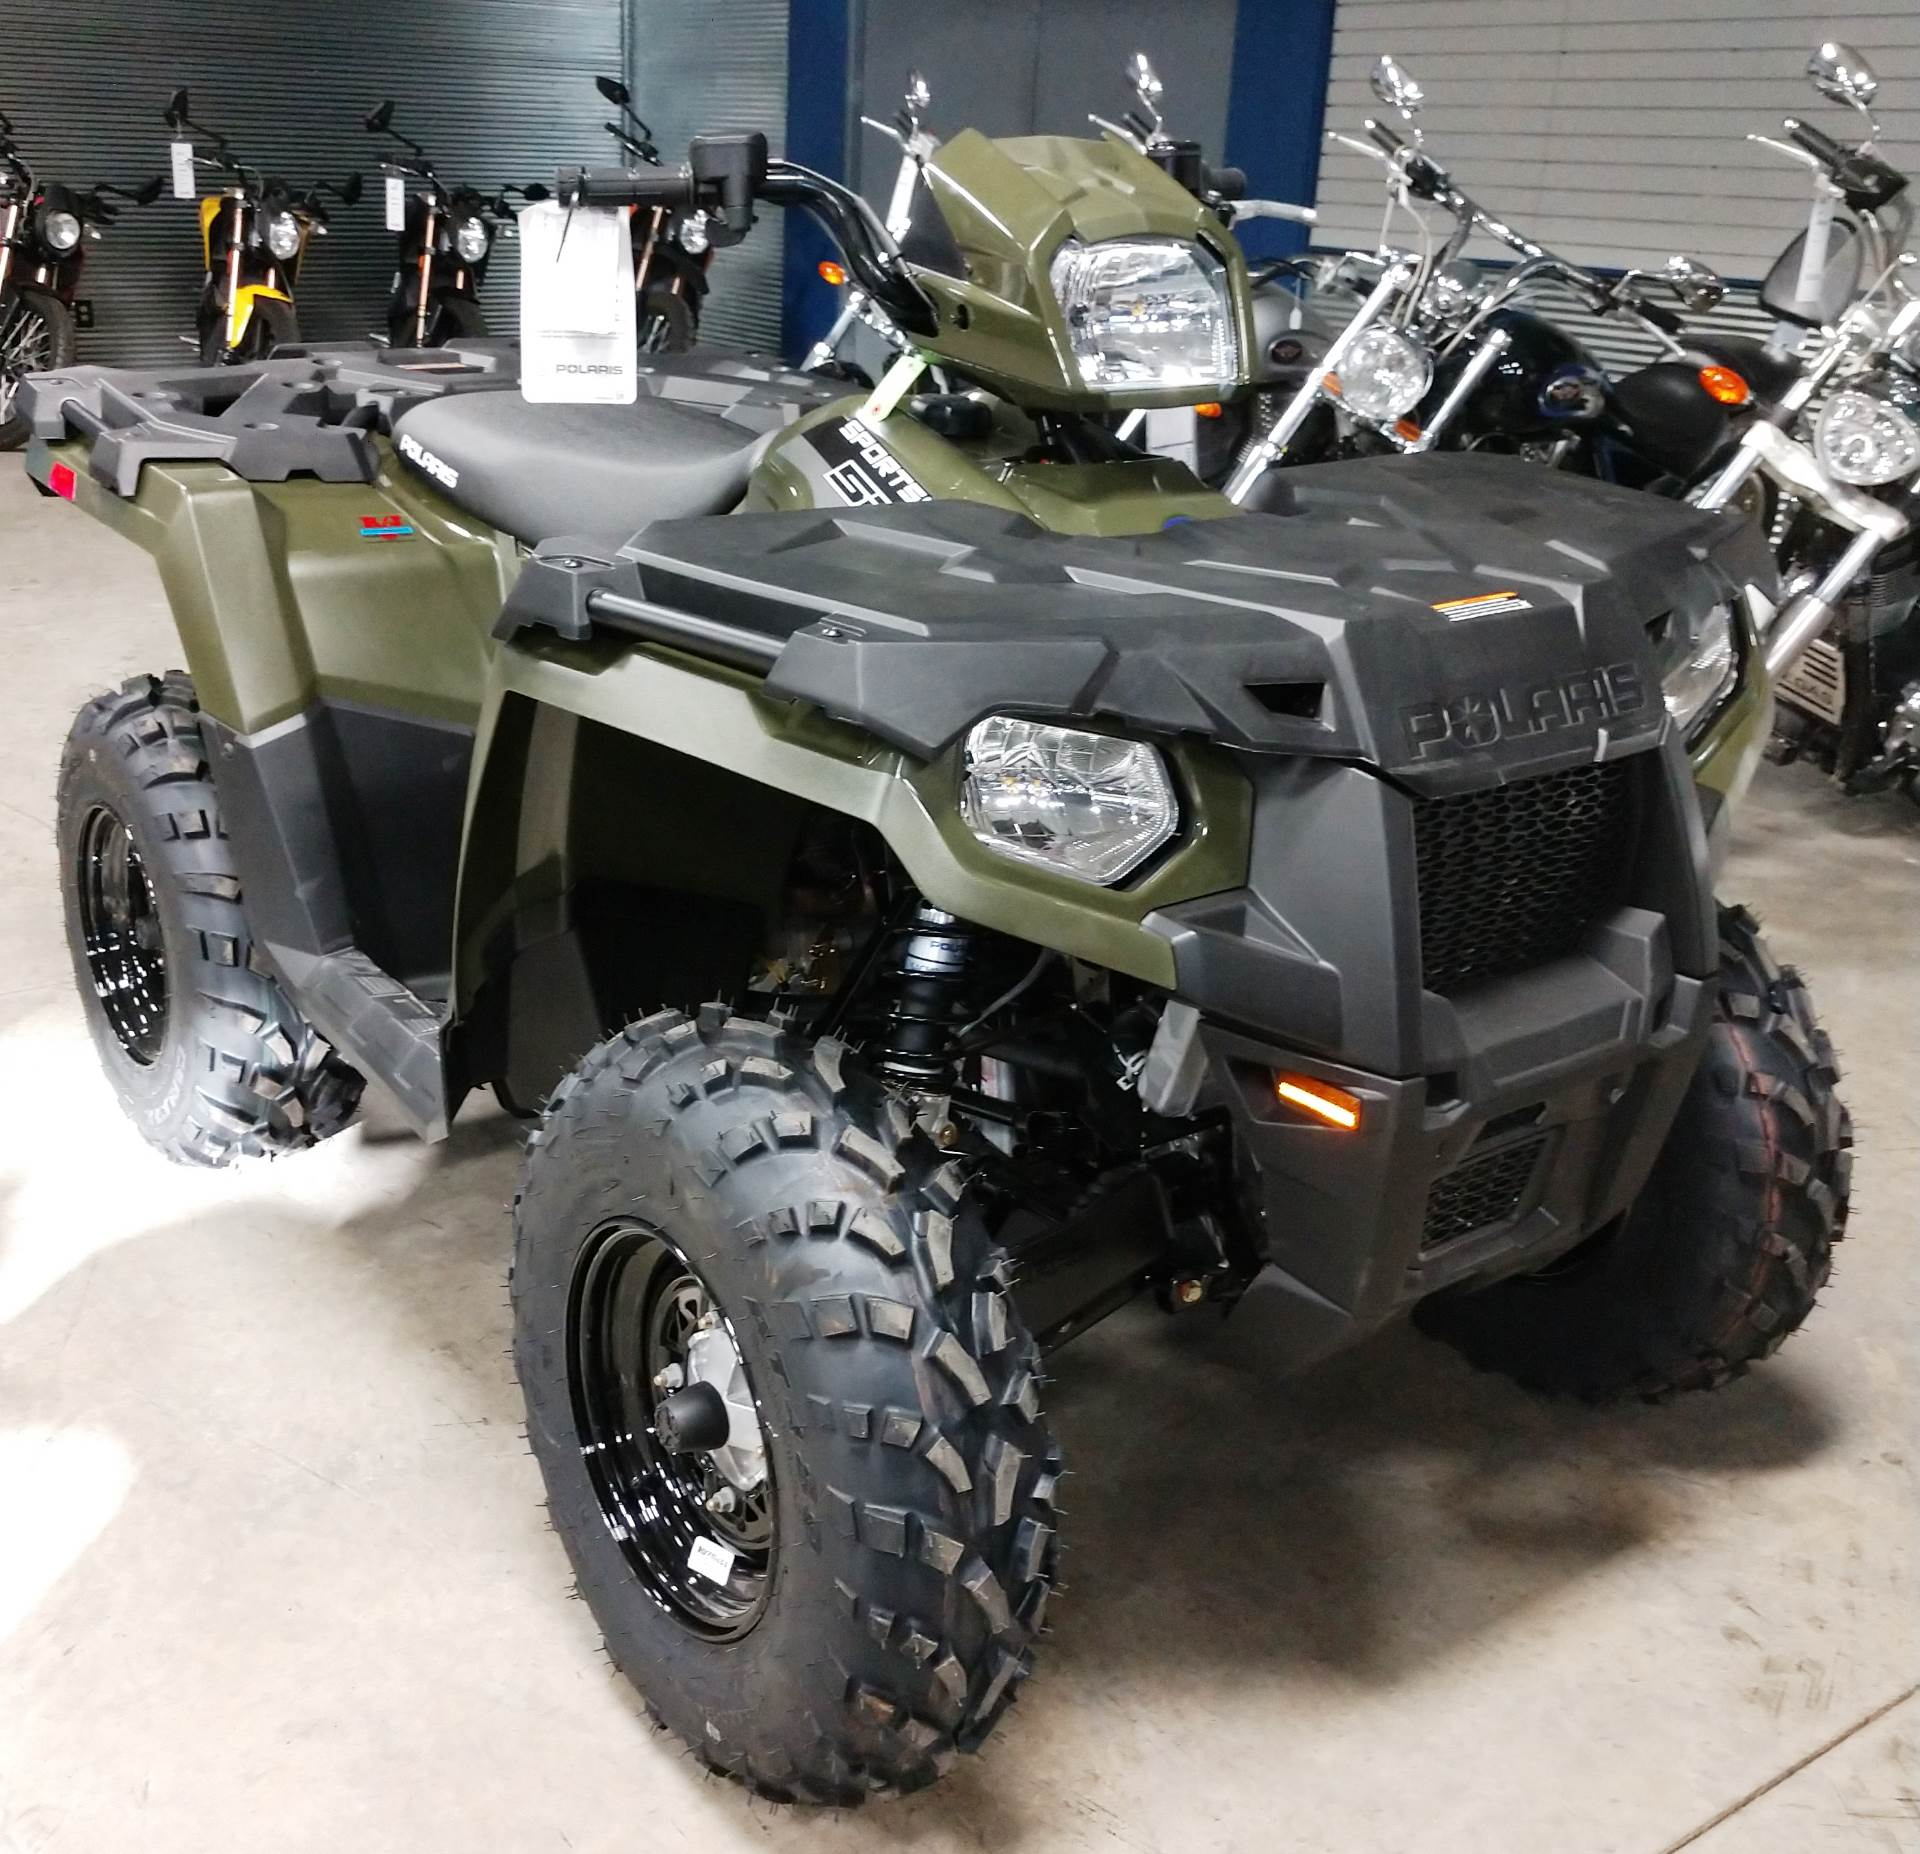 New 2018 Polaris Sportsman 570 EPS ATVs in Ottumwa, IA | Stock ...